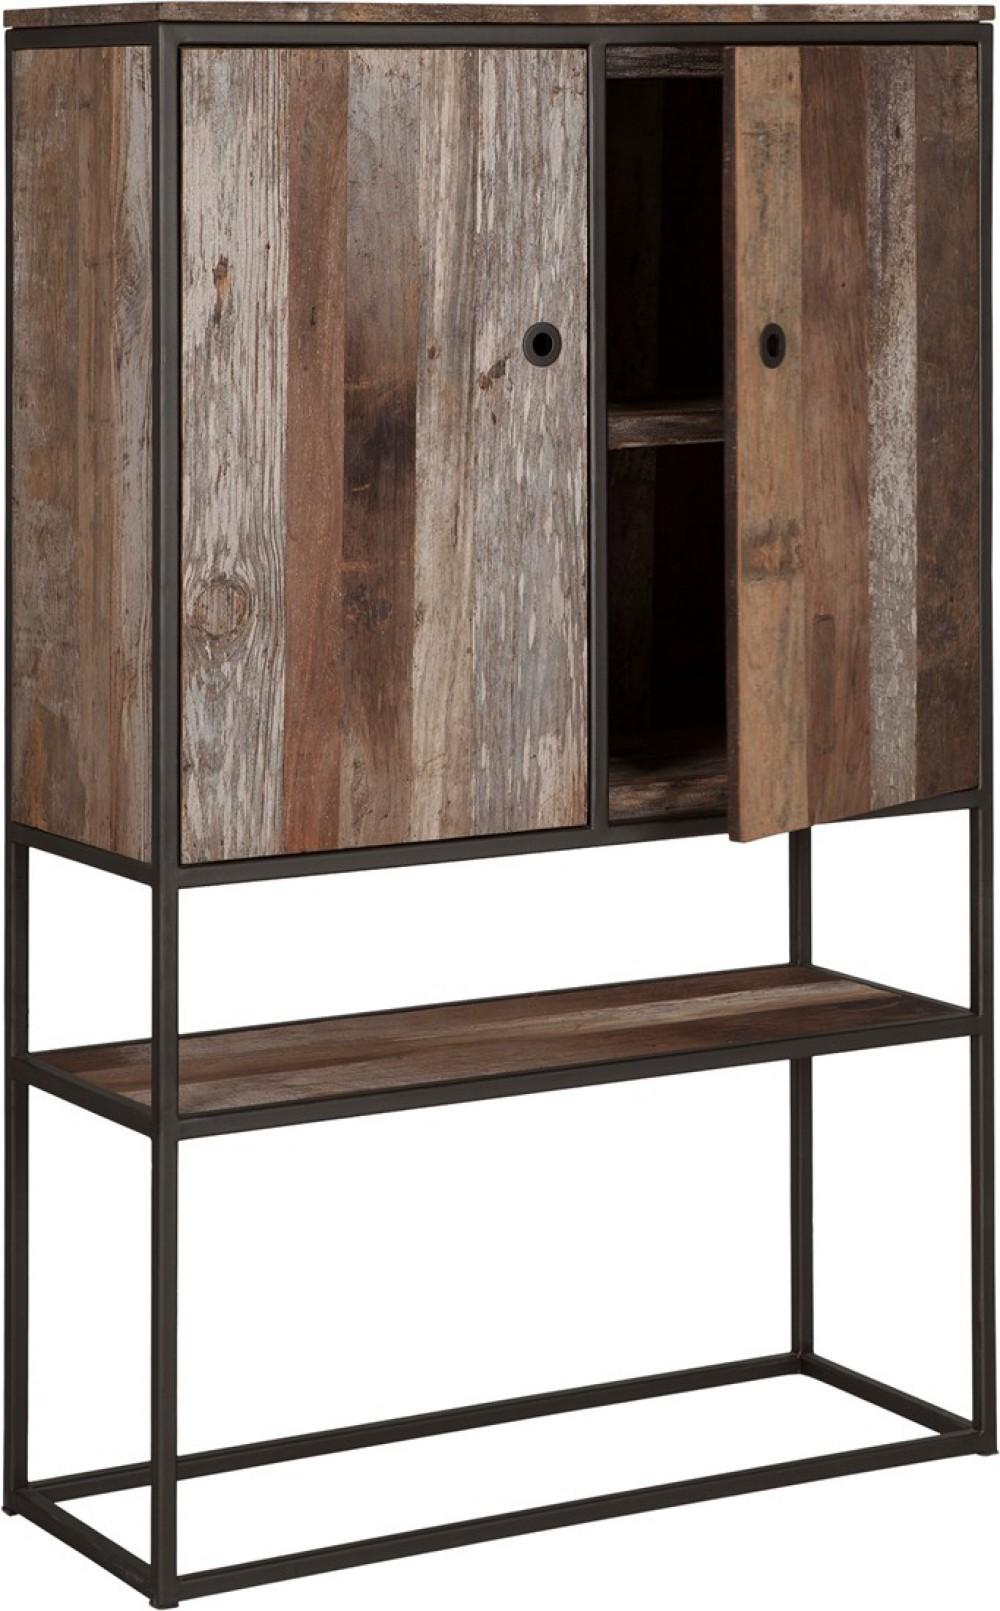 Schrank Regal Industriedesign Schrank Braun Holz Metall Breite 90 Cm